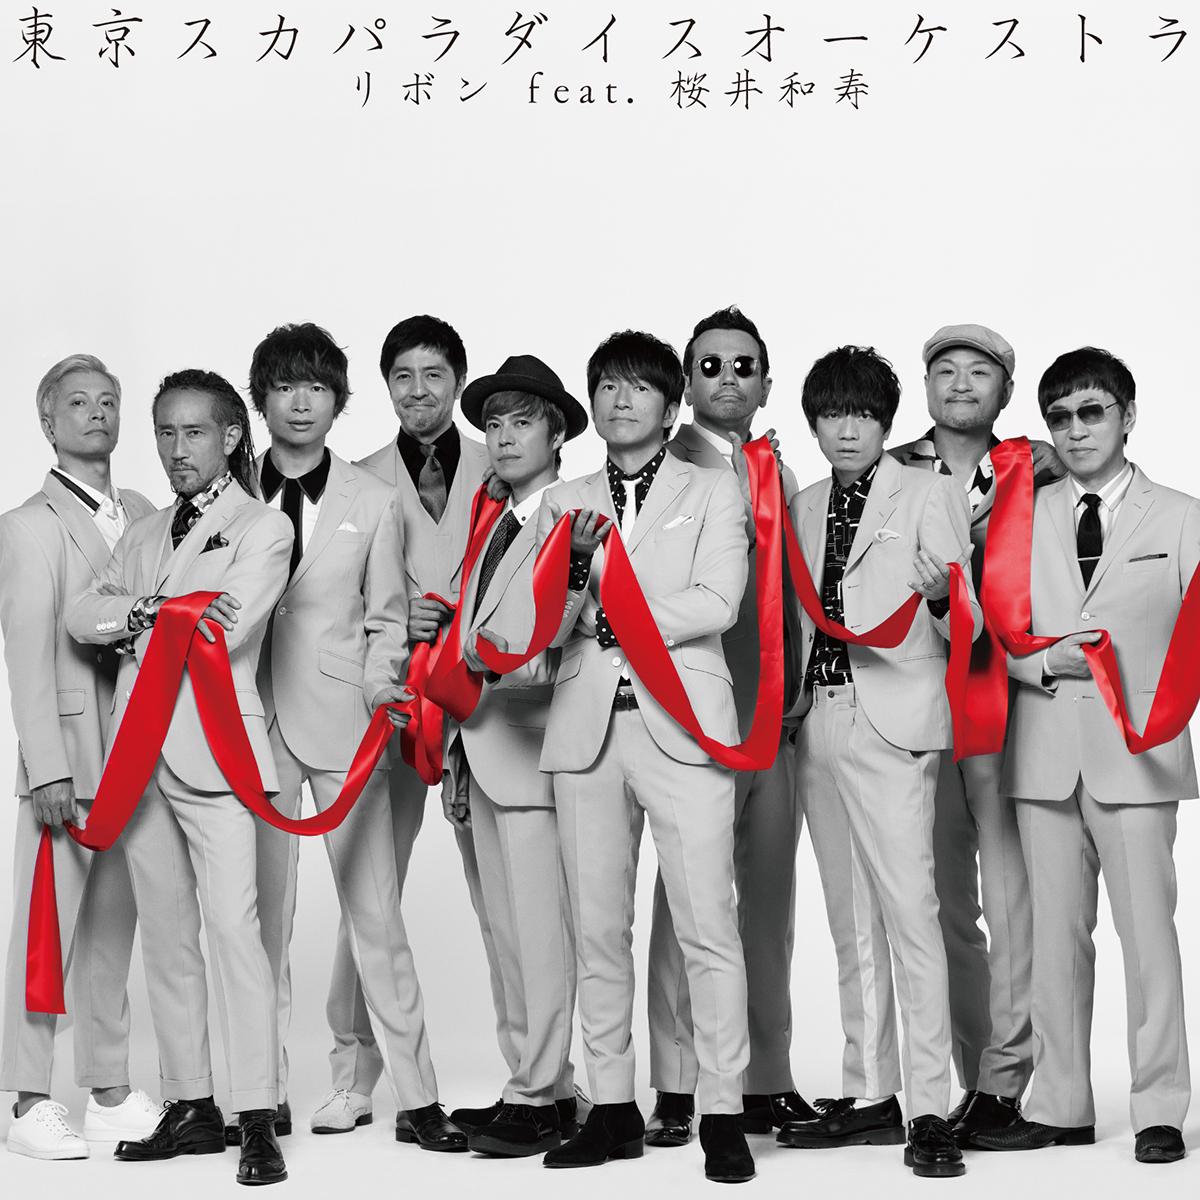 「リボン feat.桜井和寿(Mr.Children)」CD+DVD